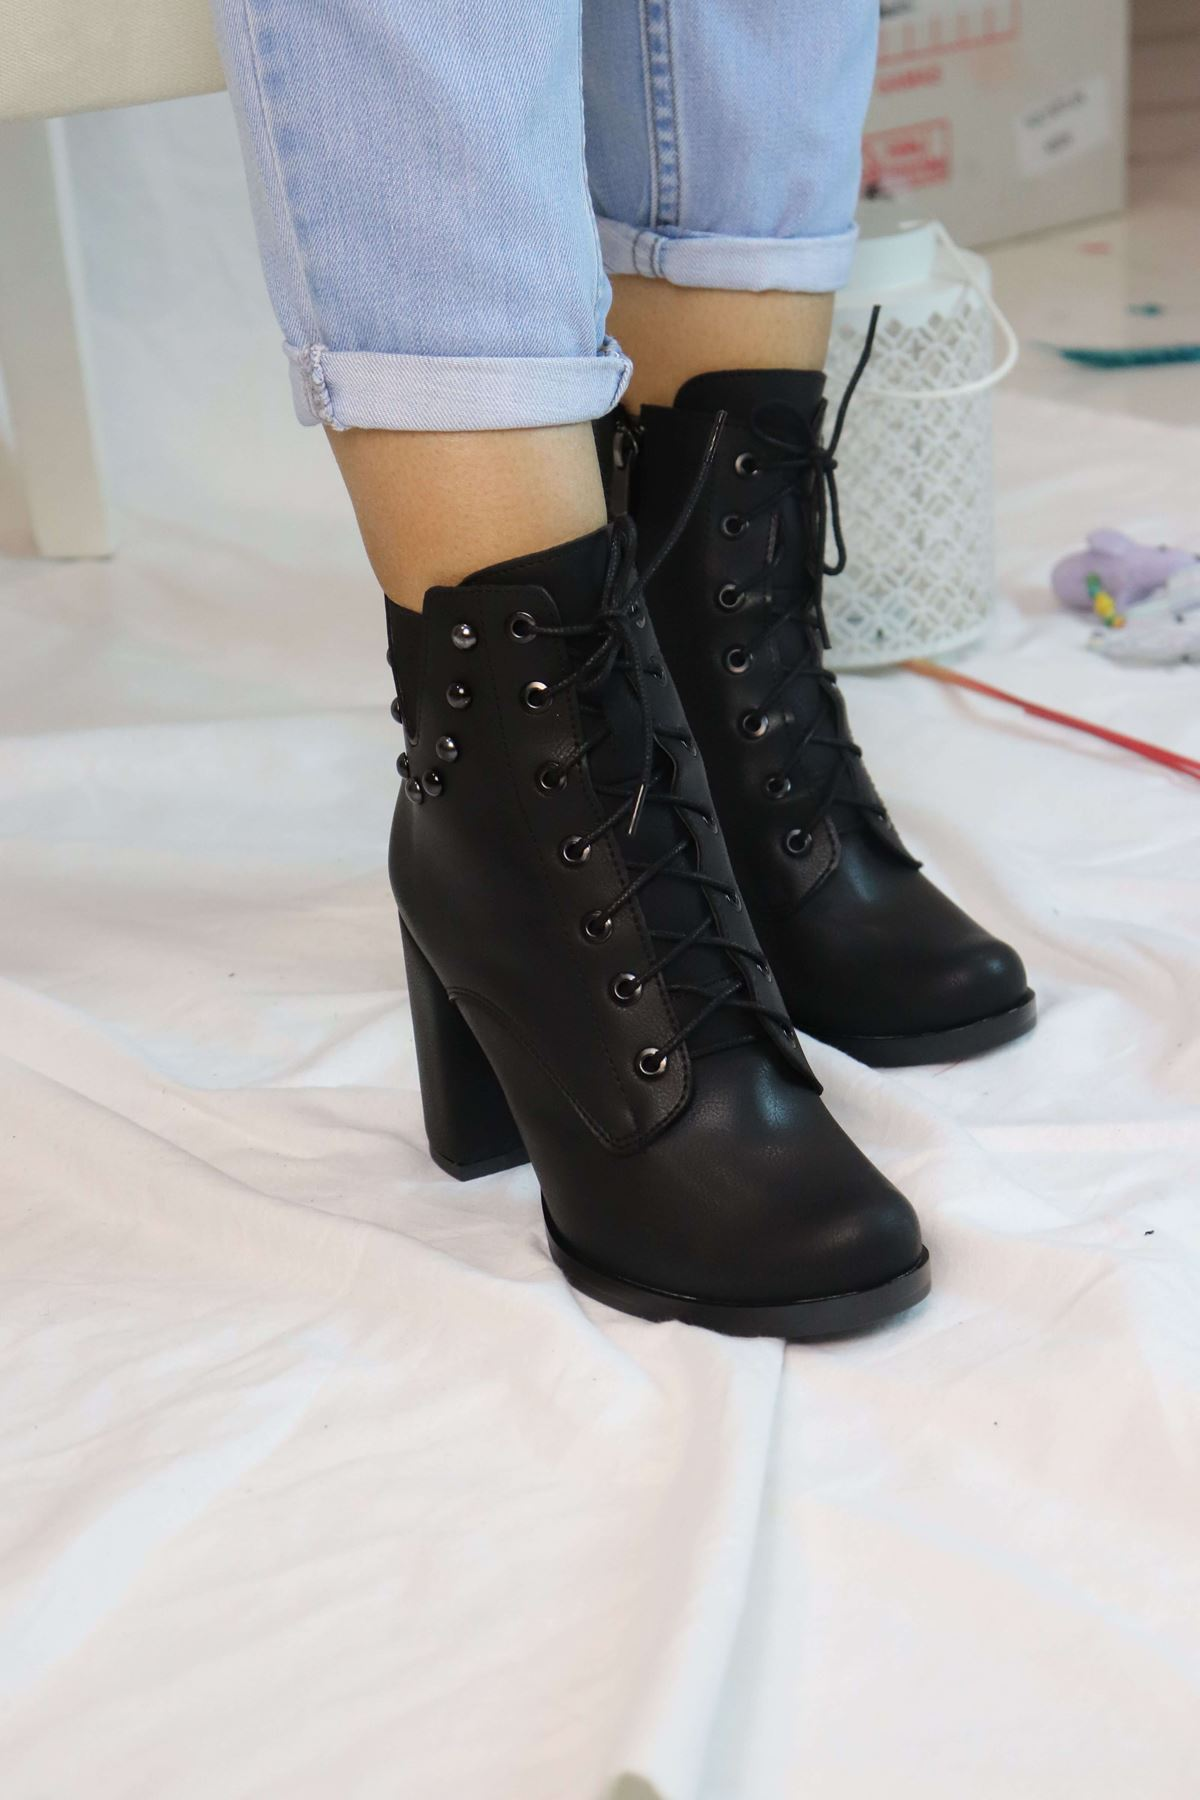 Trendayakkabı - Topuklu Kadın Bot